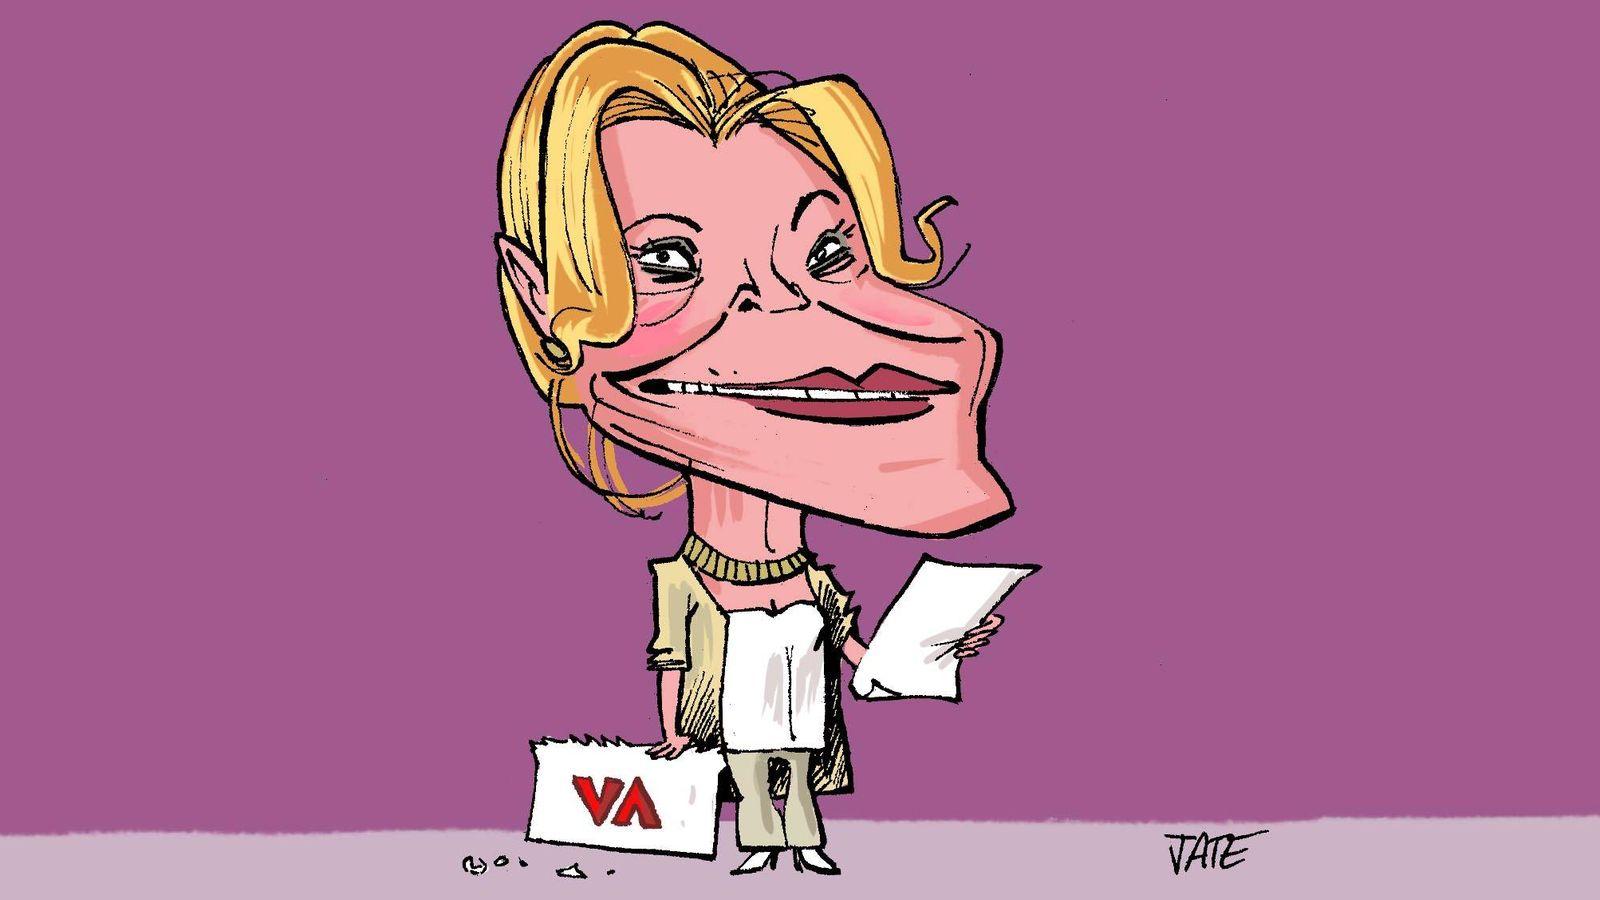 Foto: Carmen Cervera. Ilustración realizada por Jate para Vanitatis.